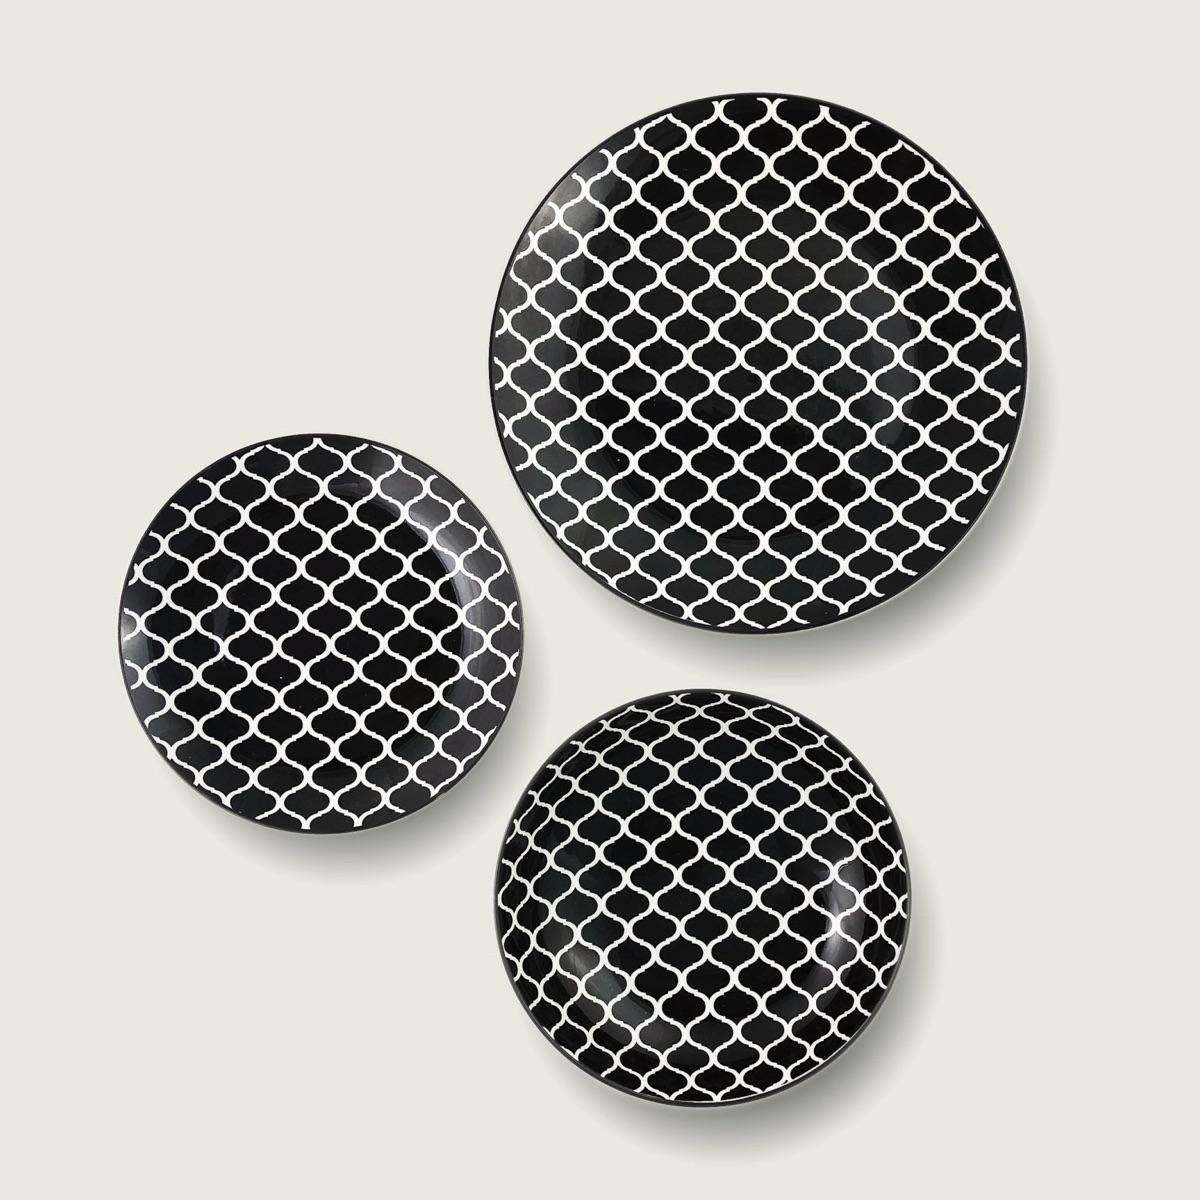 Kyoto piatto in porcellana - decoro black 1